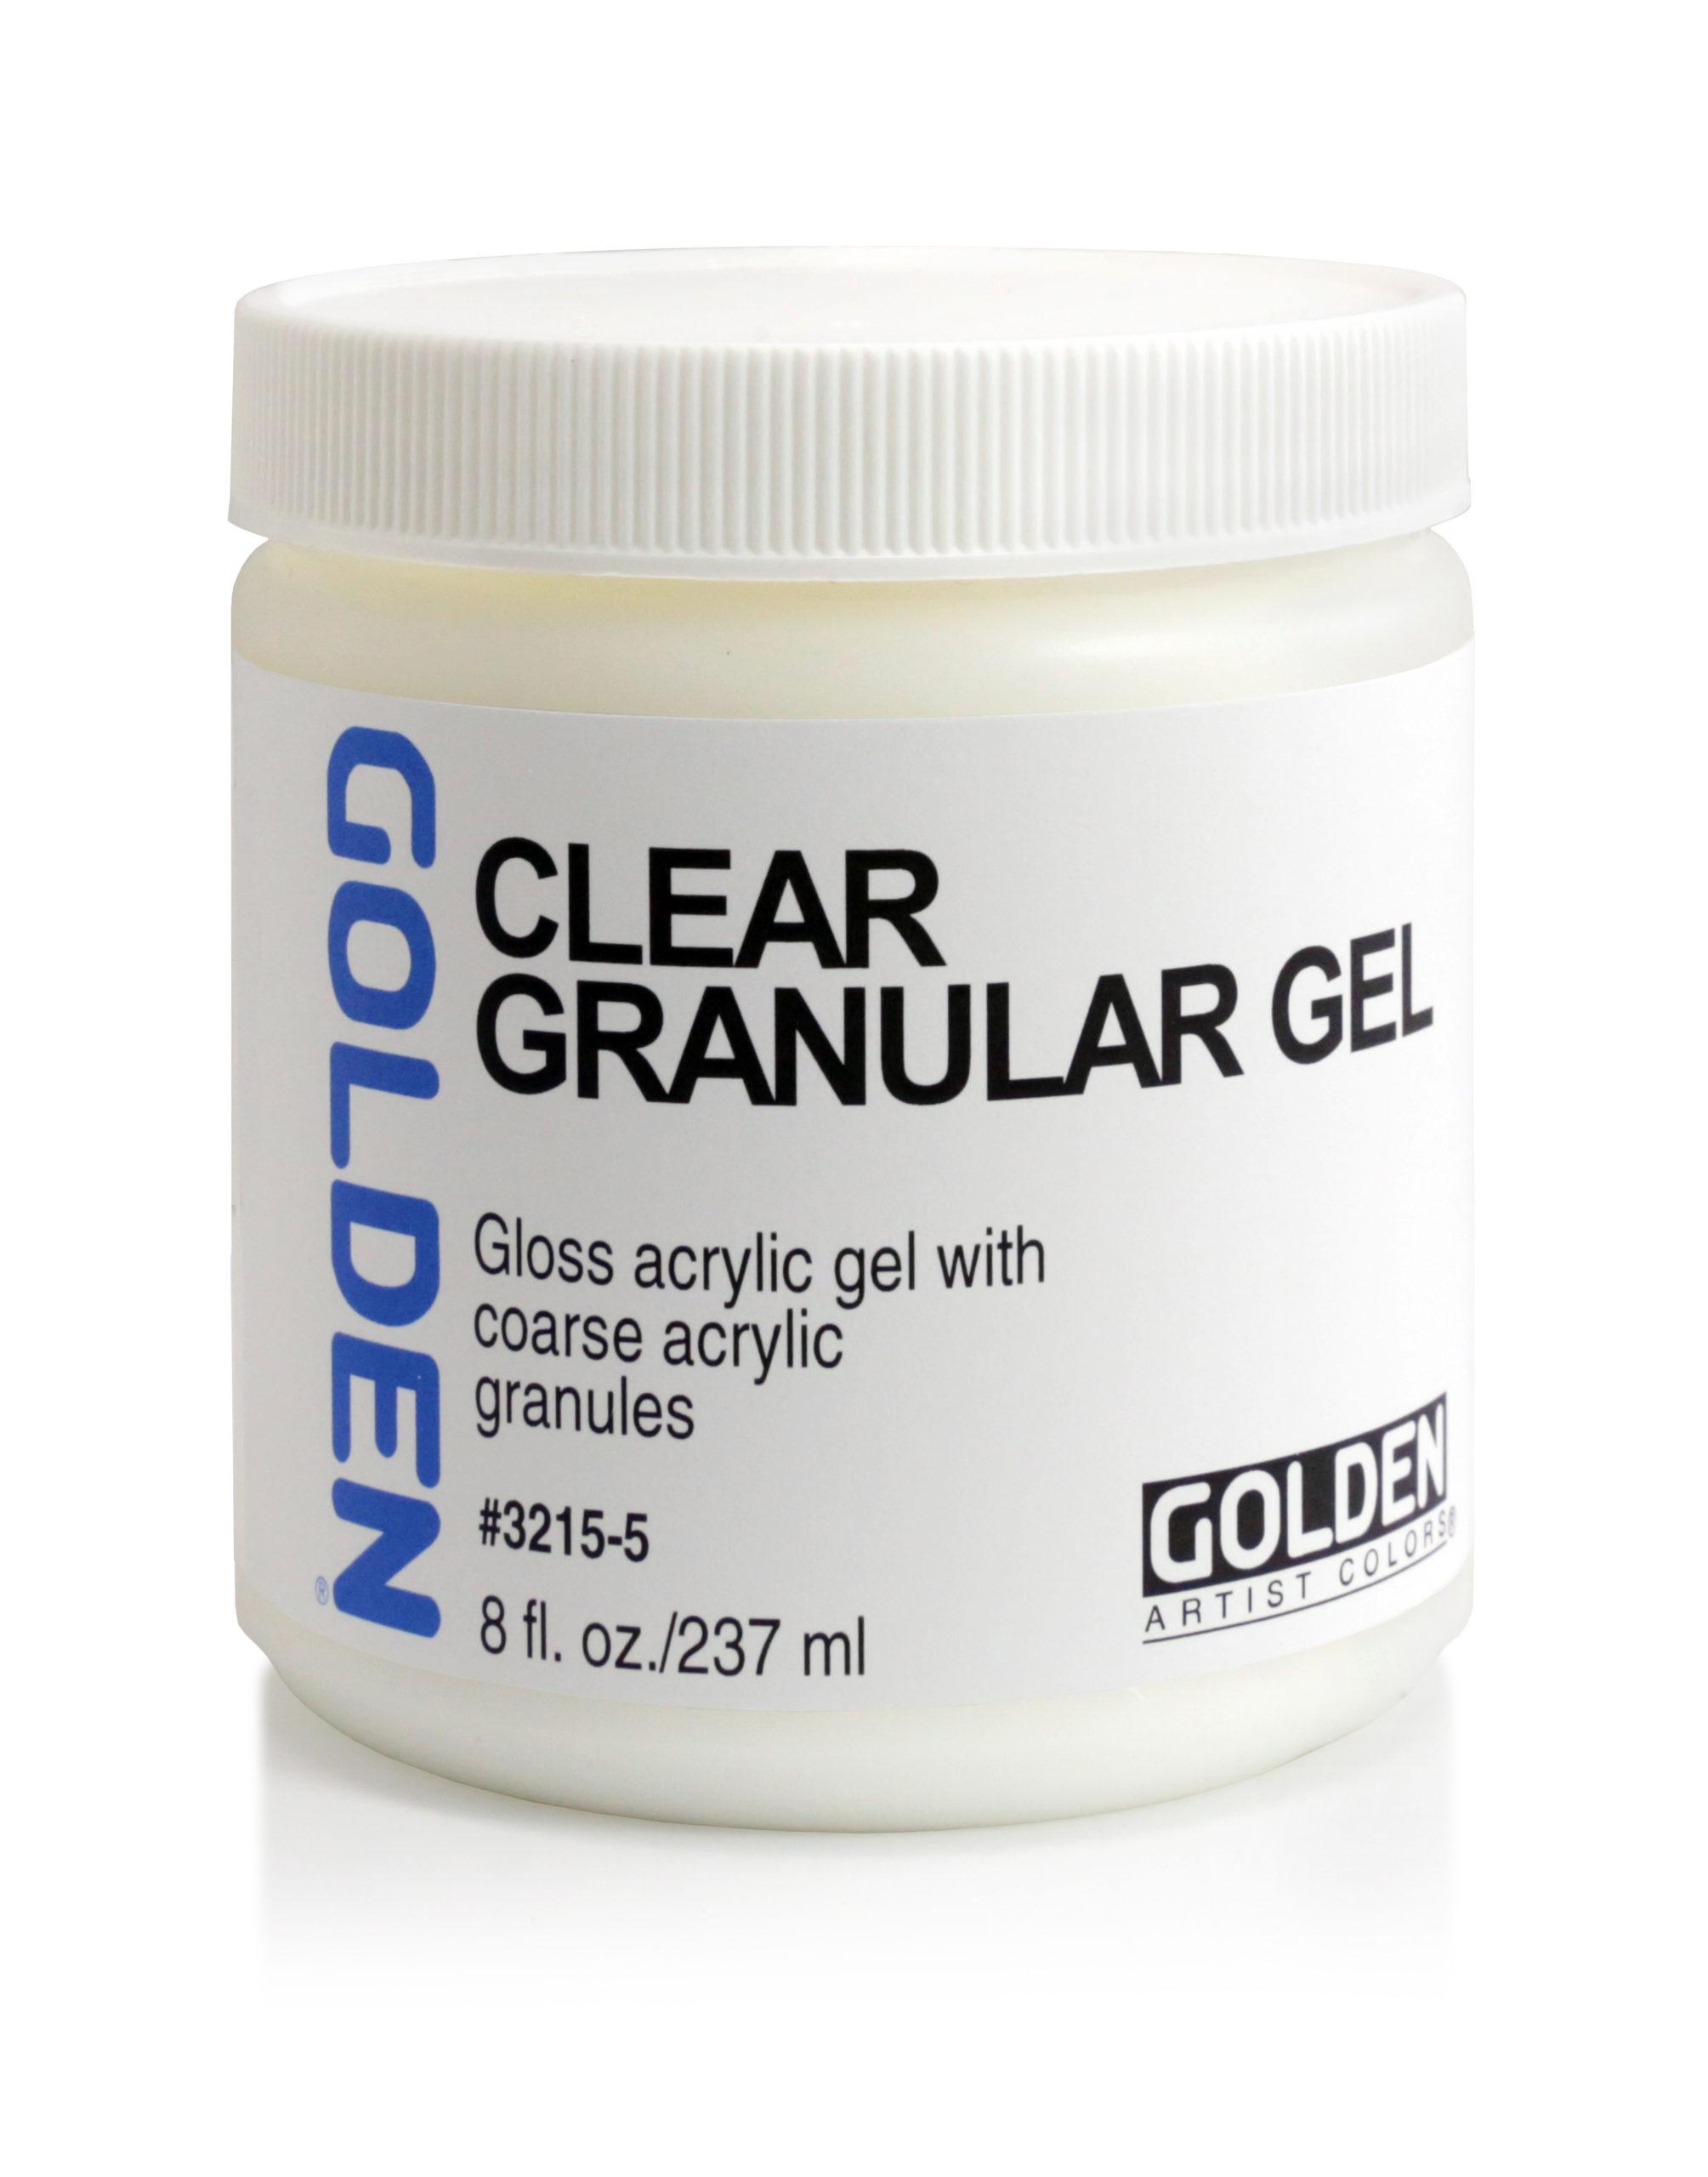 Clear Granular Gel